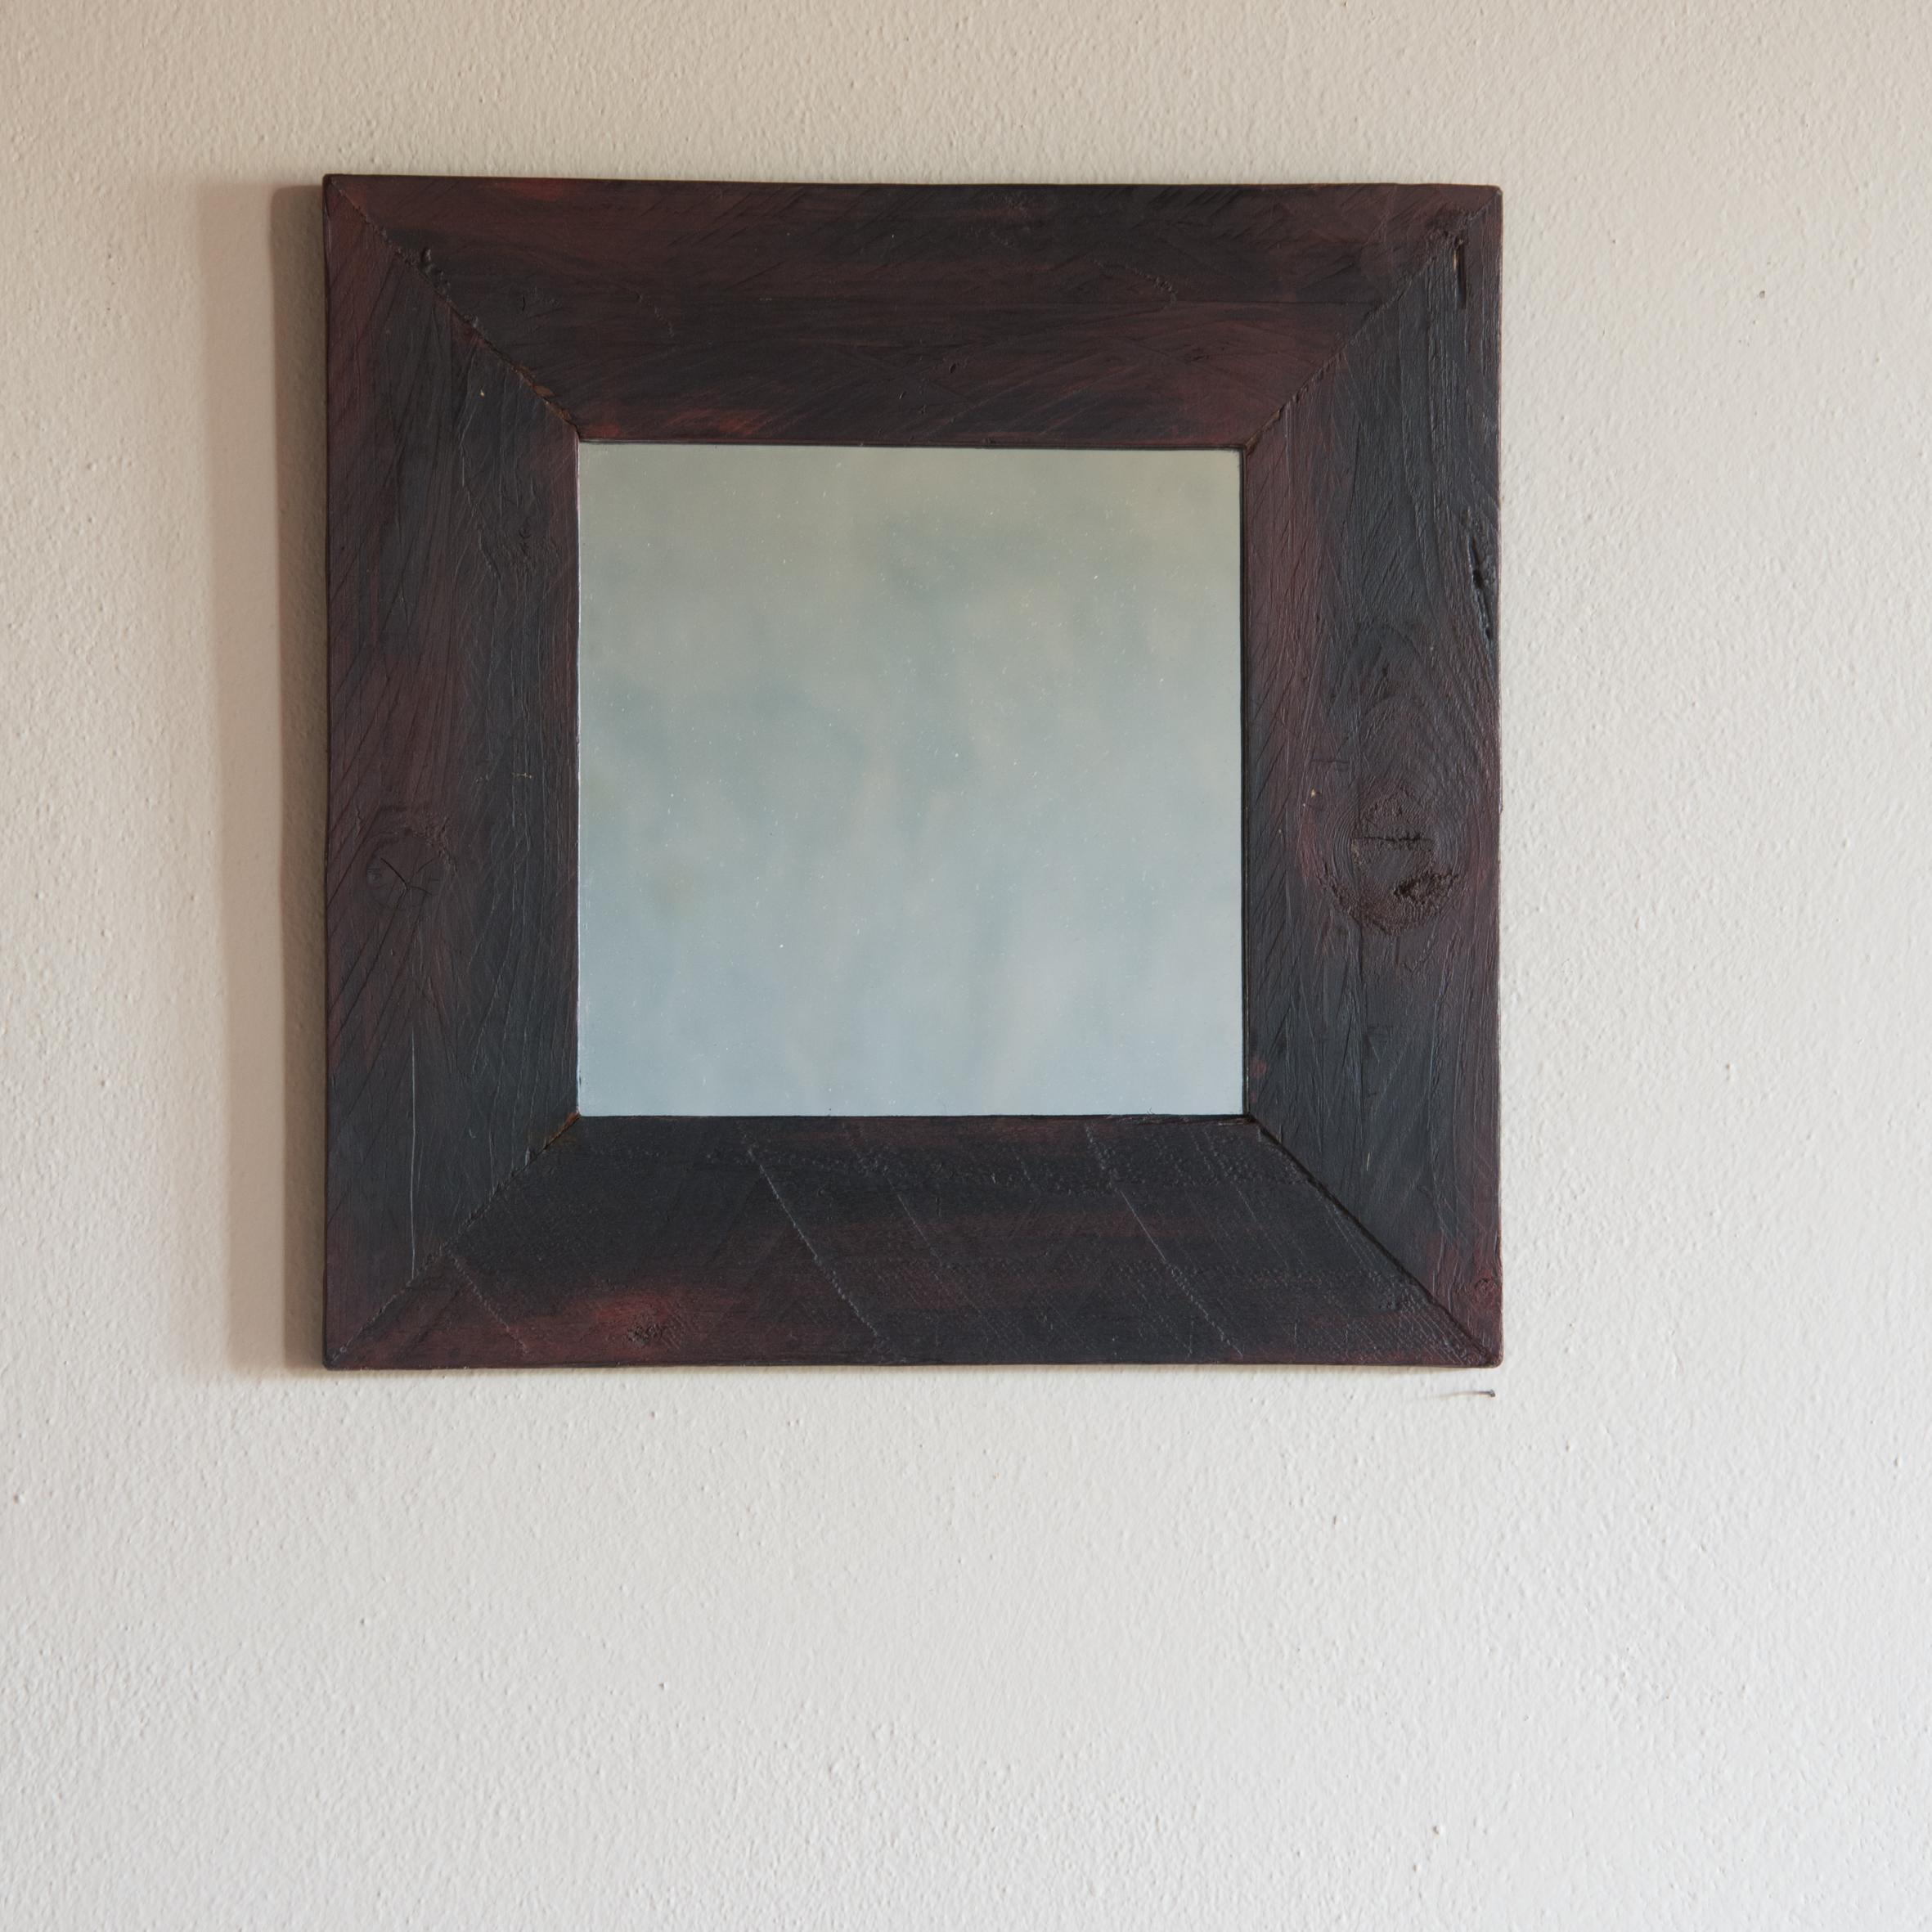 Specchio no.07 in legno di recupero ristrutturato antracite/nero